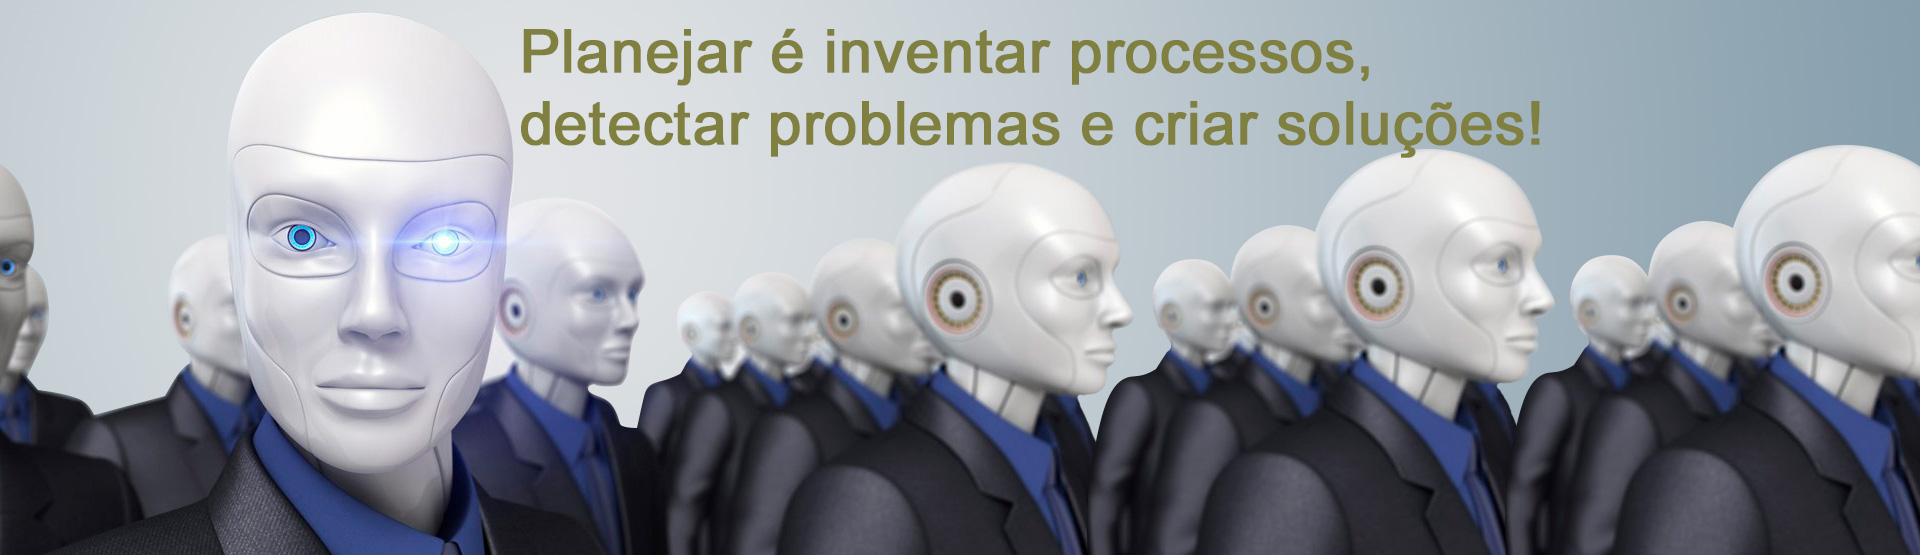 Planejar é inventar processos, detectar problemas e criar soluções!